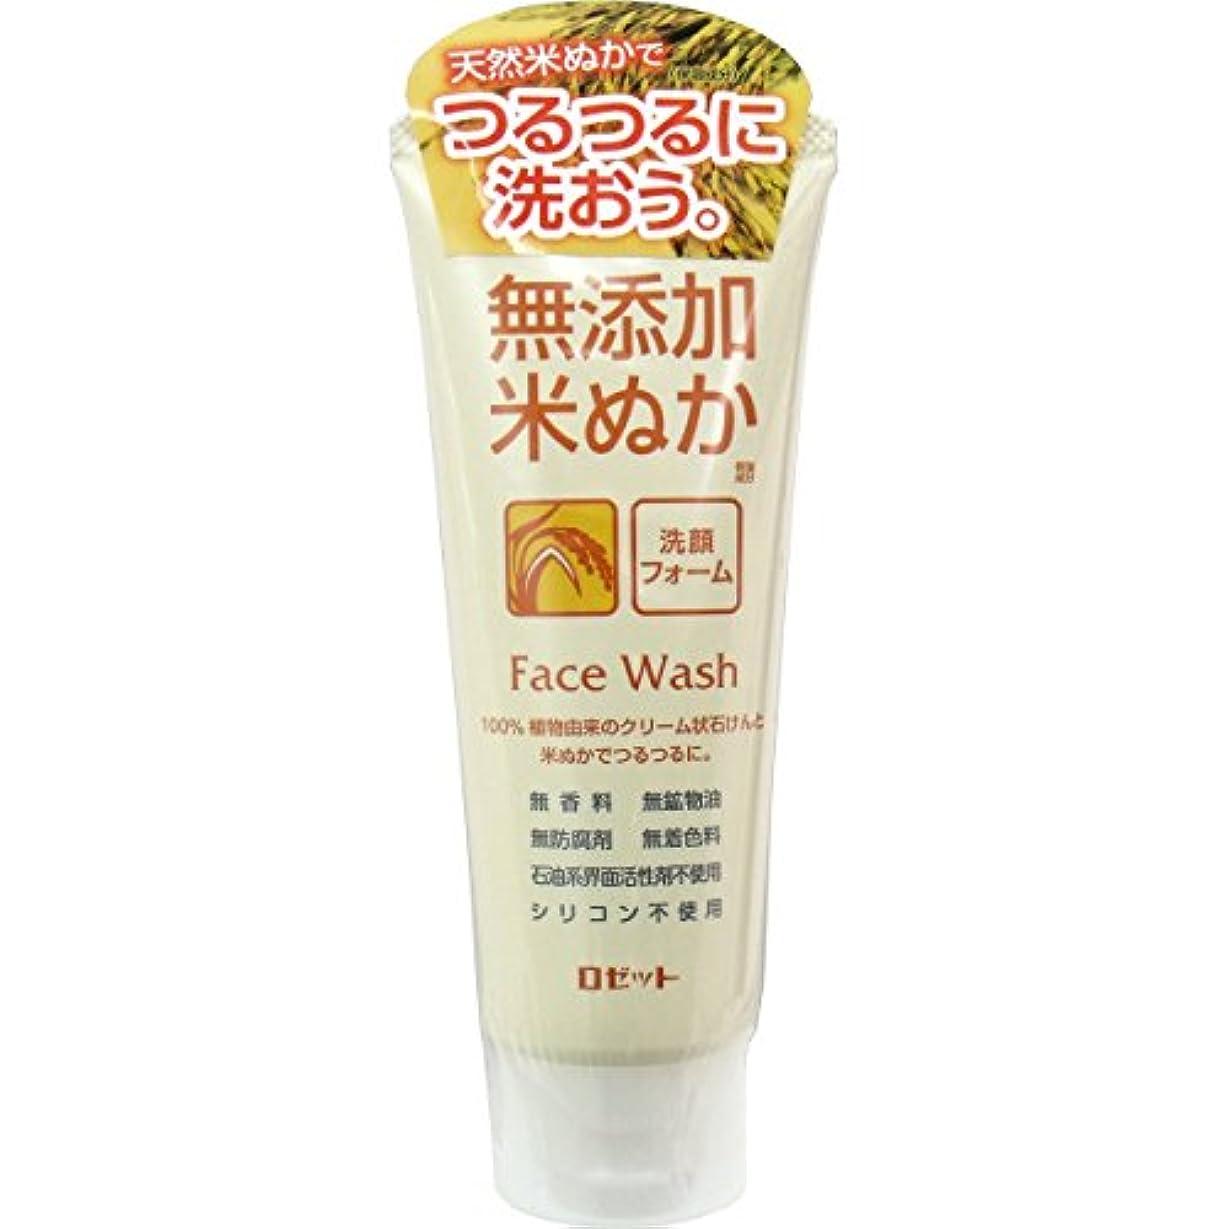 悪質なで誤解【ロゼット】無添加米ぬか洗顔フォーム 140g ×20個セット